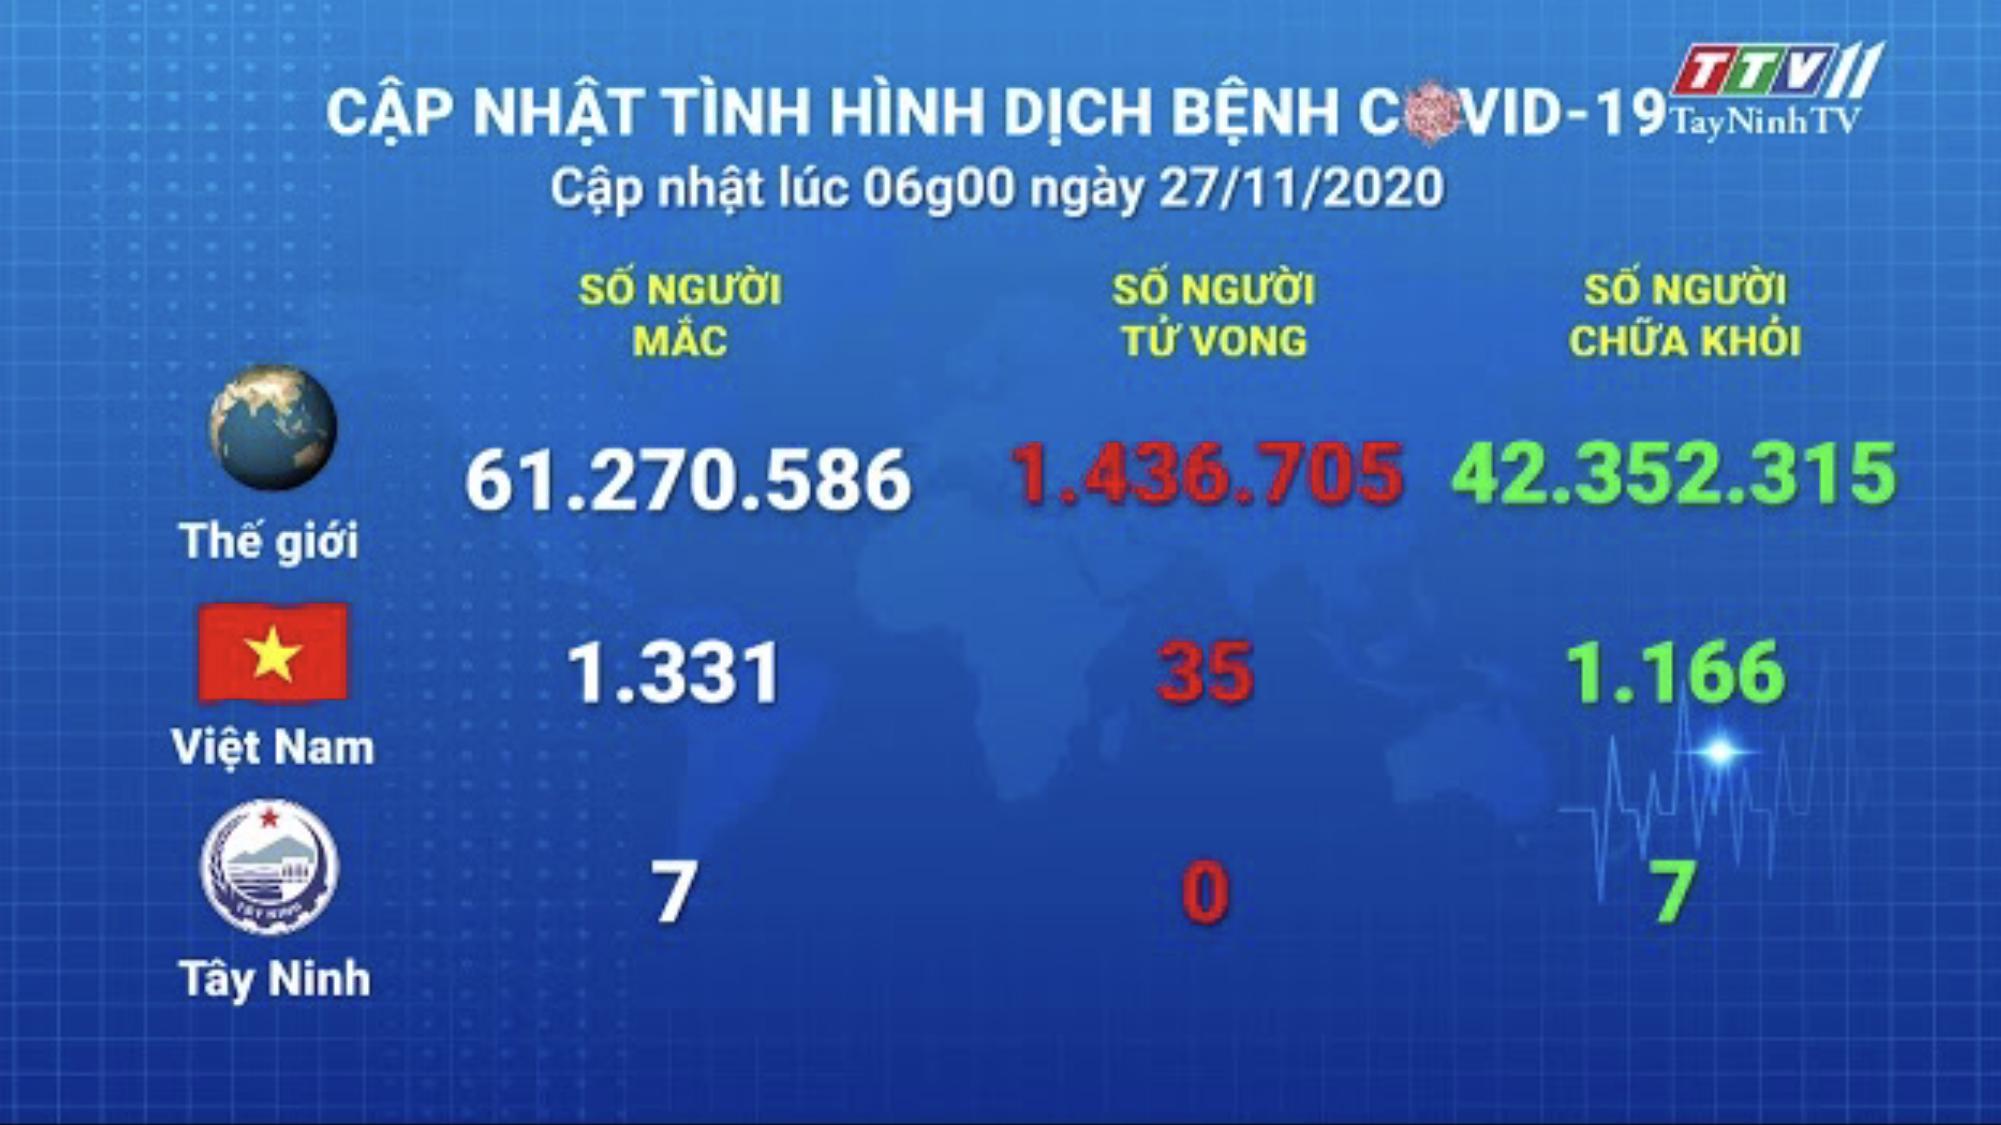 Cập nhật tình hình Covid-19 vào lúc 06 giờ 27-11-2020 | Thông tin dịch Covid-19 | TayNinhTV